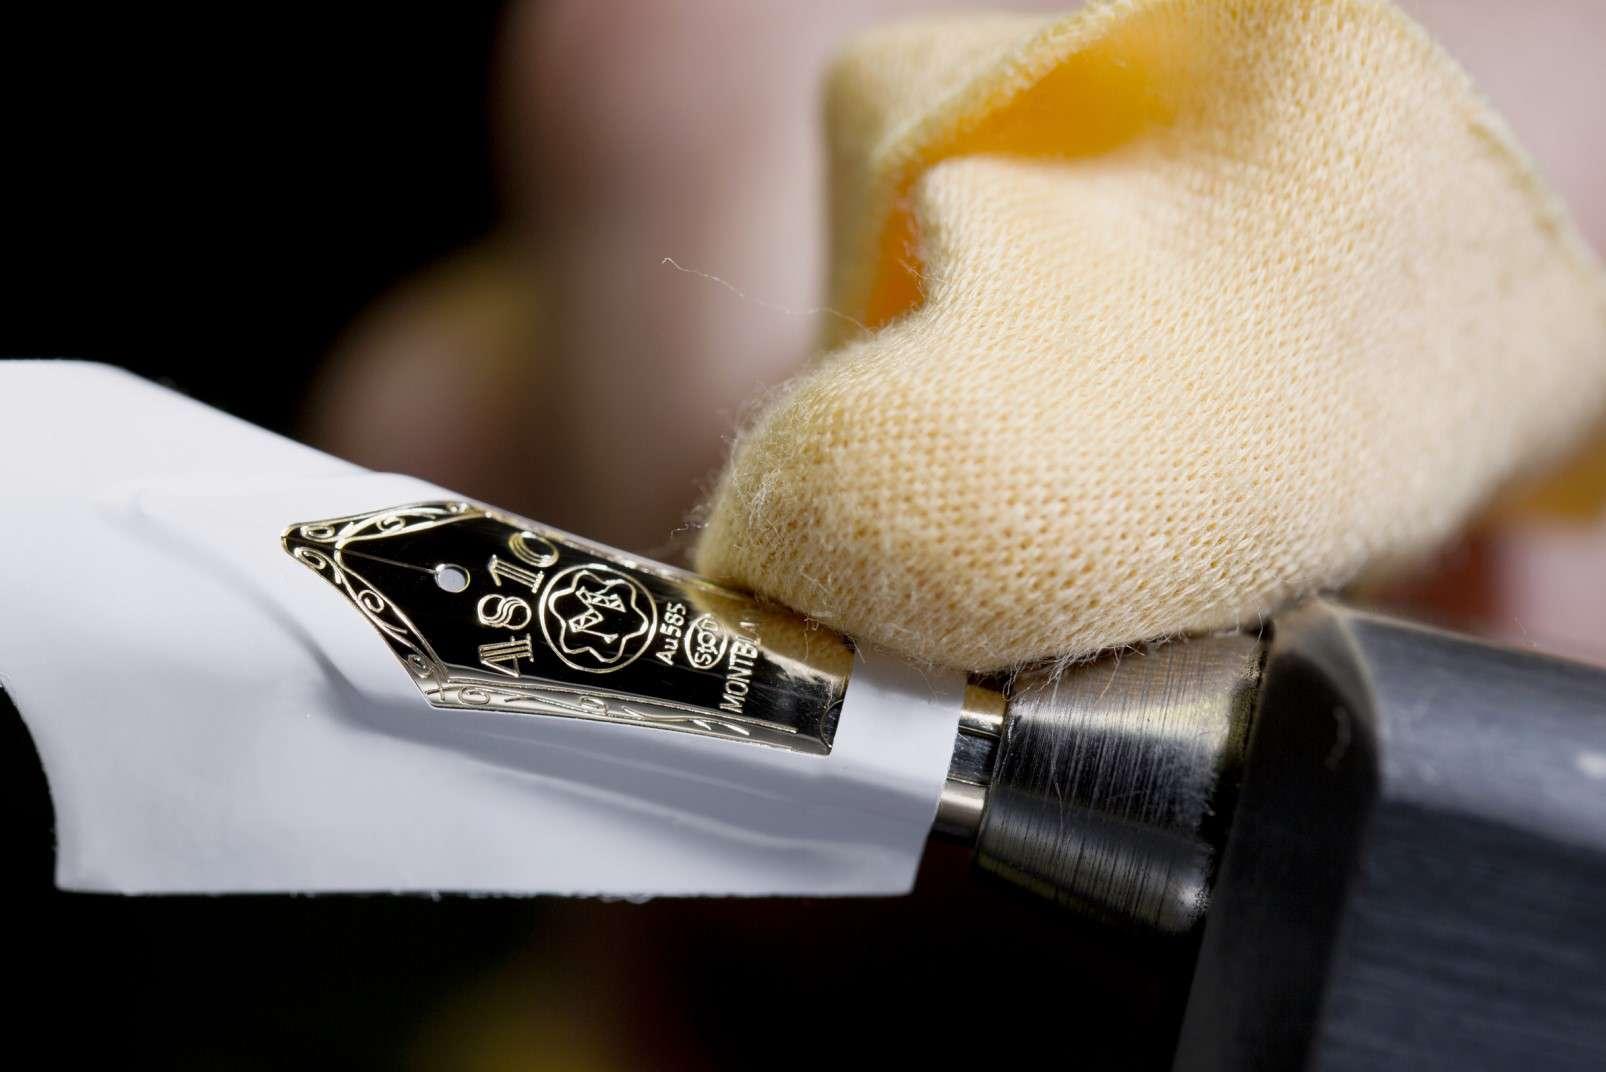 Montblanc fountain pen nib craftsmanship - polishing